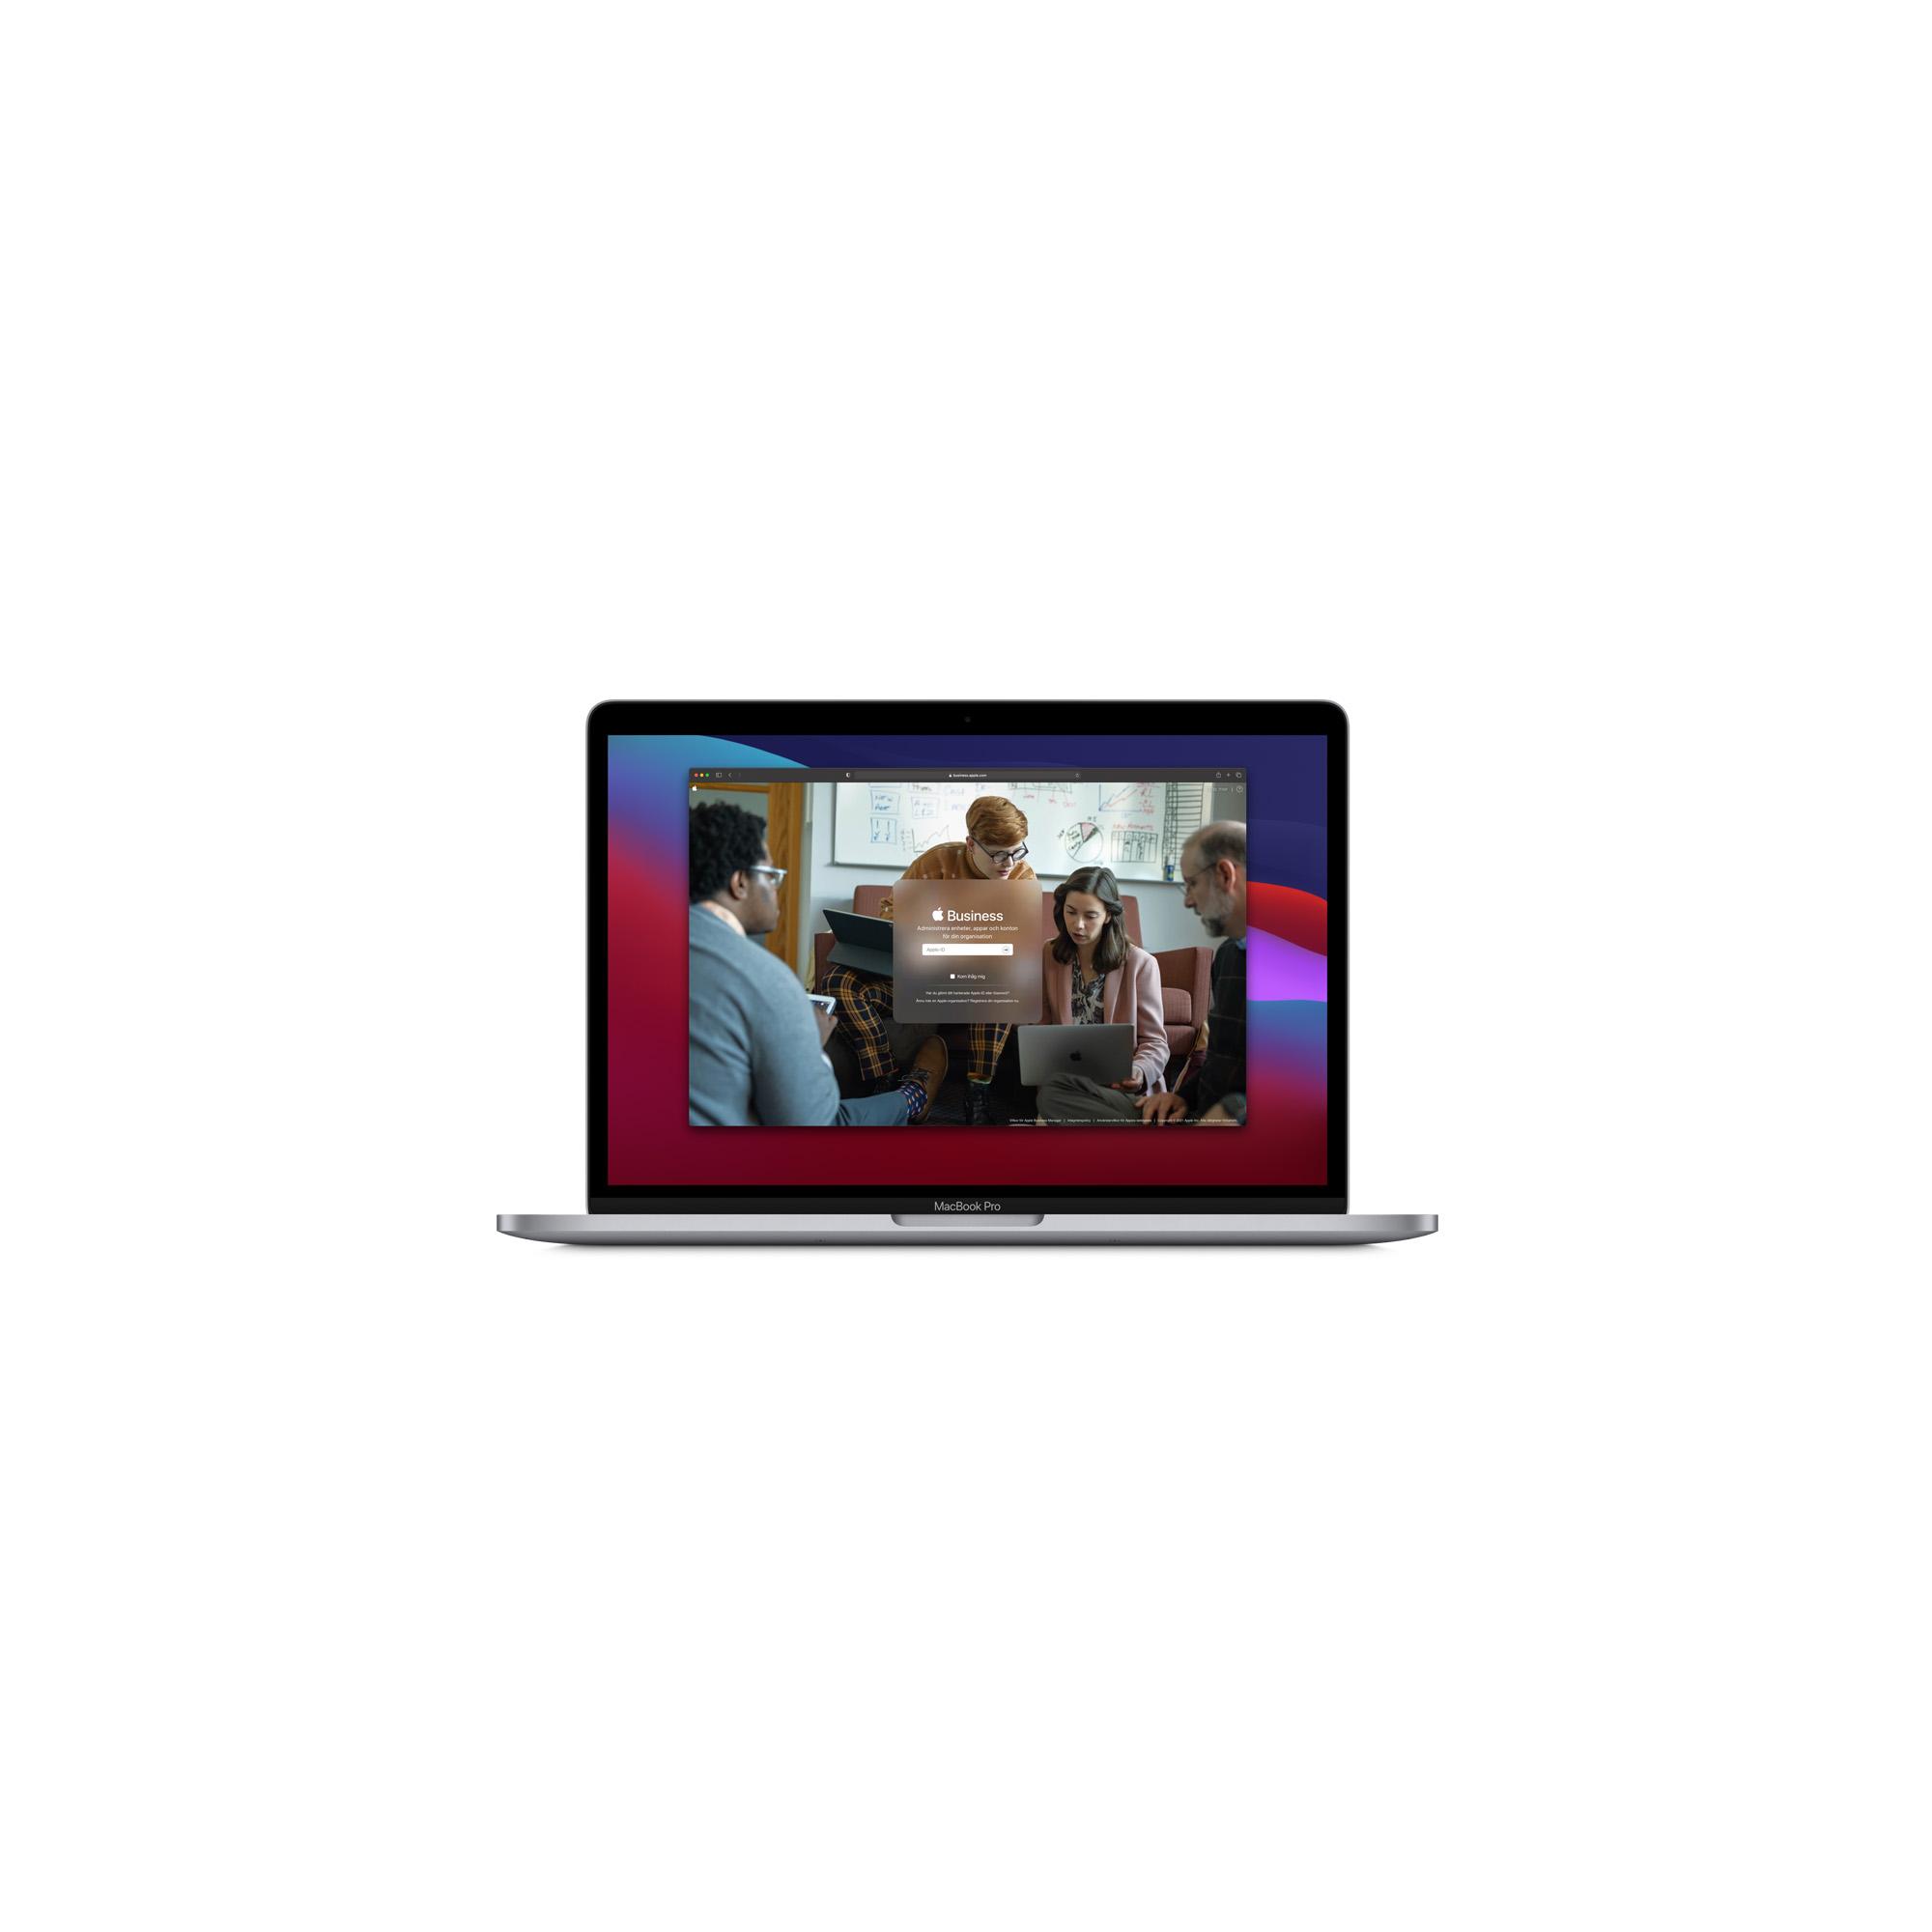 Bild på Apple Business Manager i en Mac